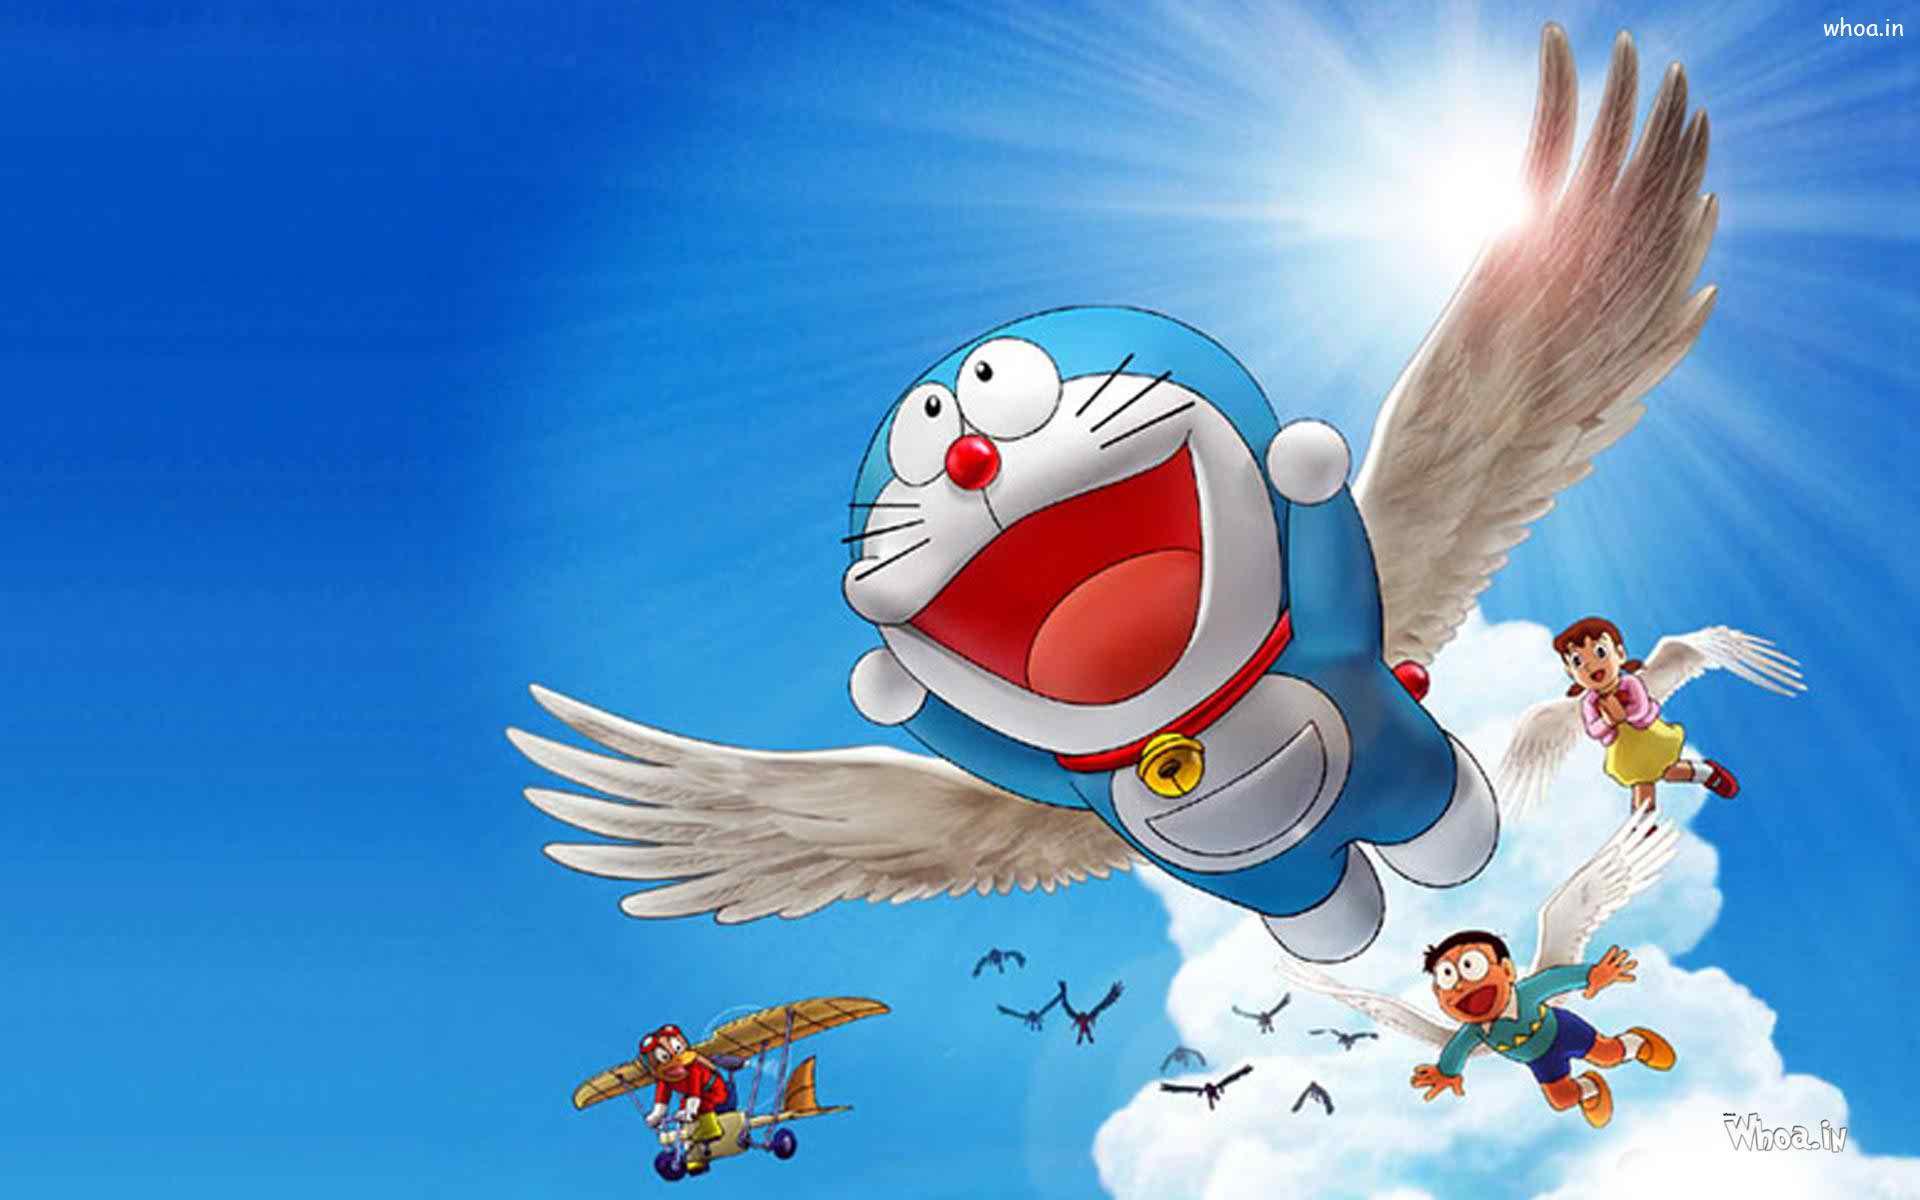 Doraemon Wallpapers, Cartoon Hd Doraemon Wallpapers, #22917